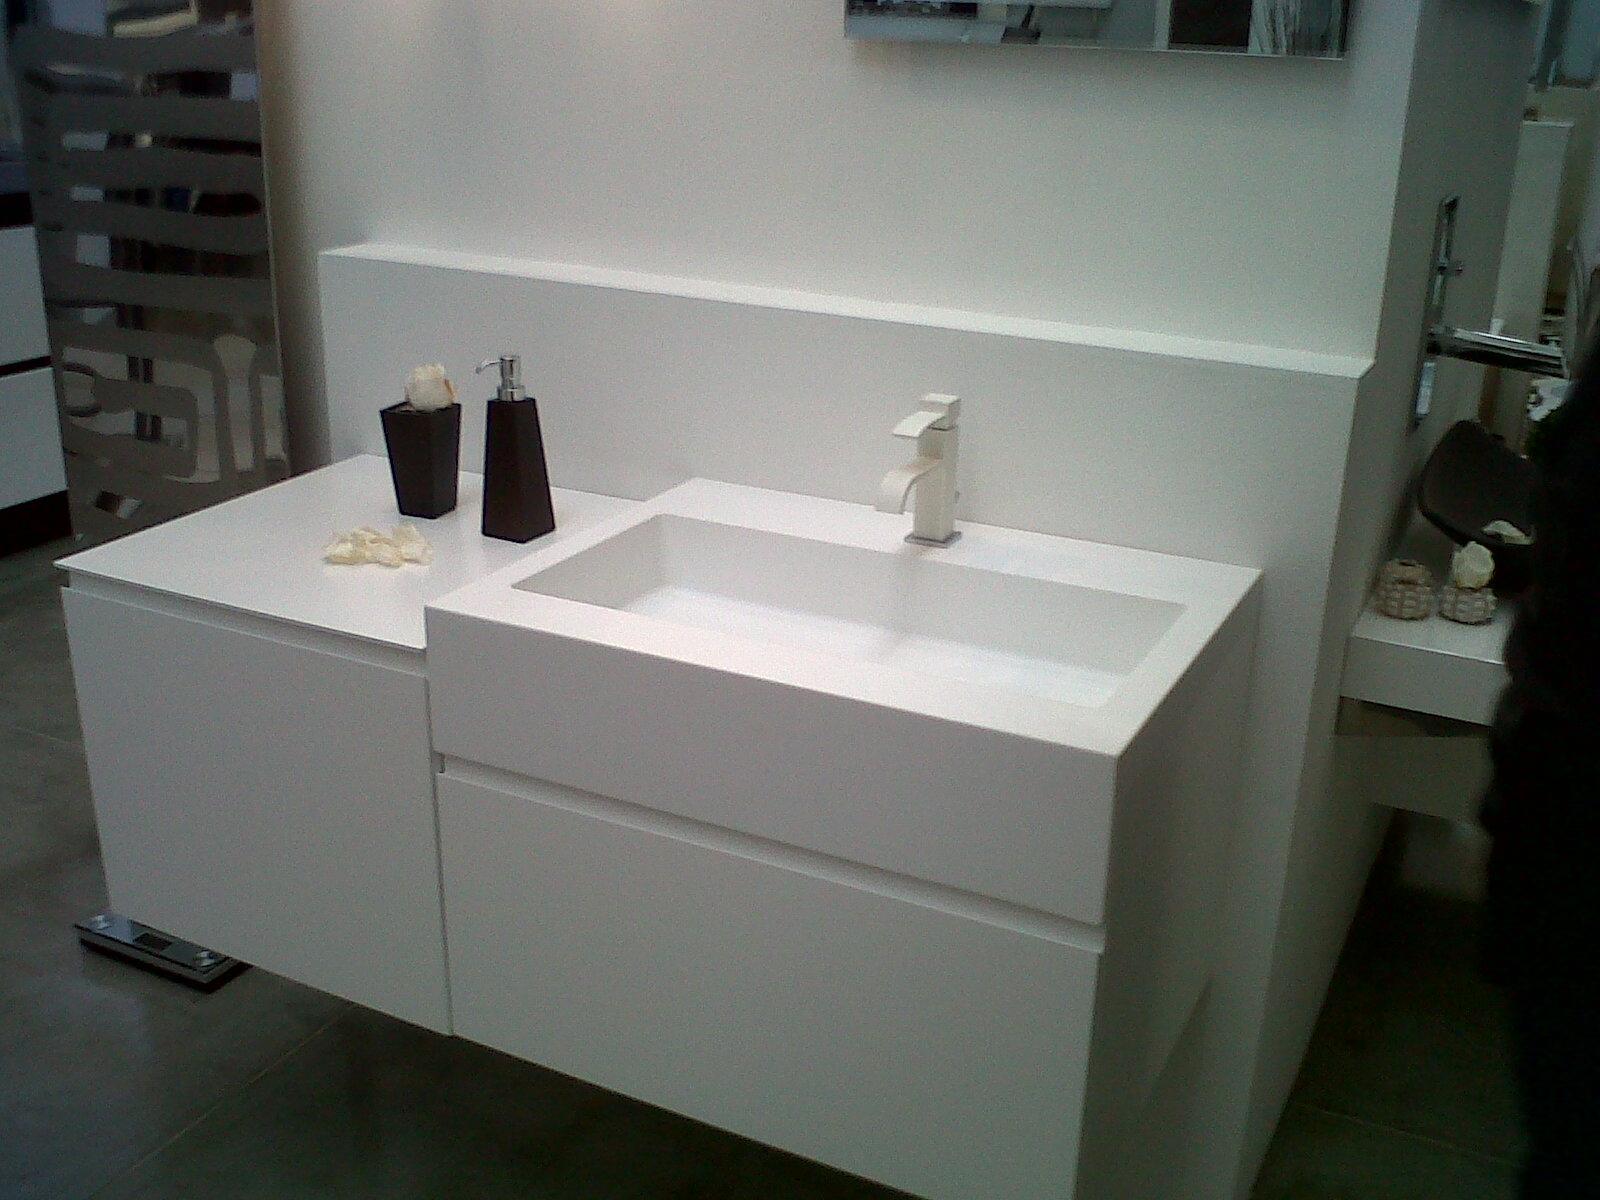 Arlex mobile nuovo in offerta scontatissimo arredo bagno for Nuovo arredo camerette prezzi